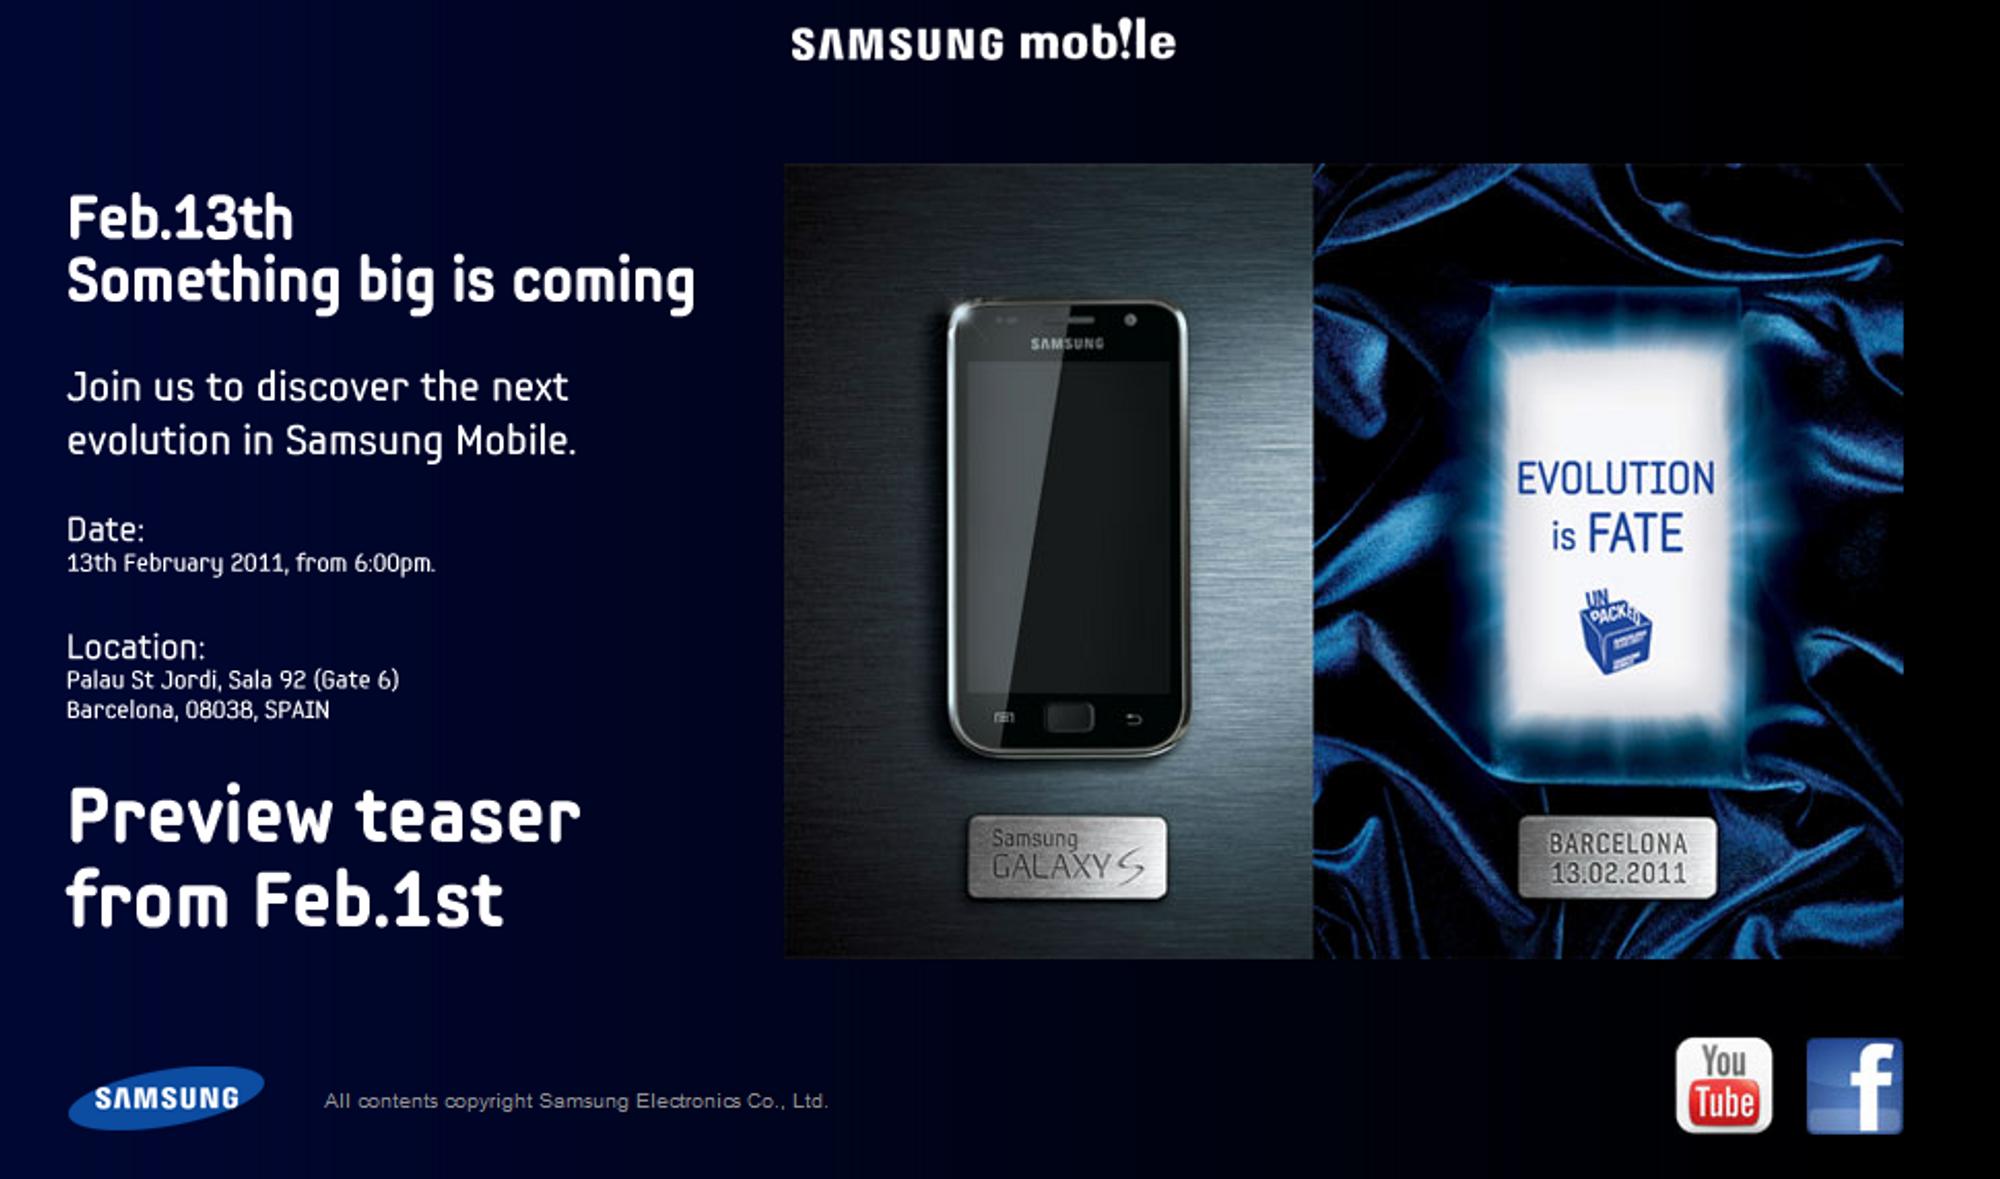 Galaxy S-oppfølger i februar